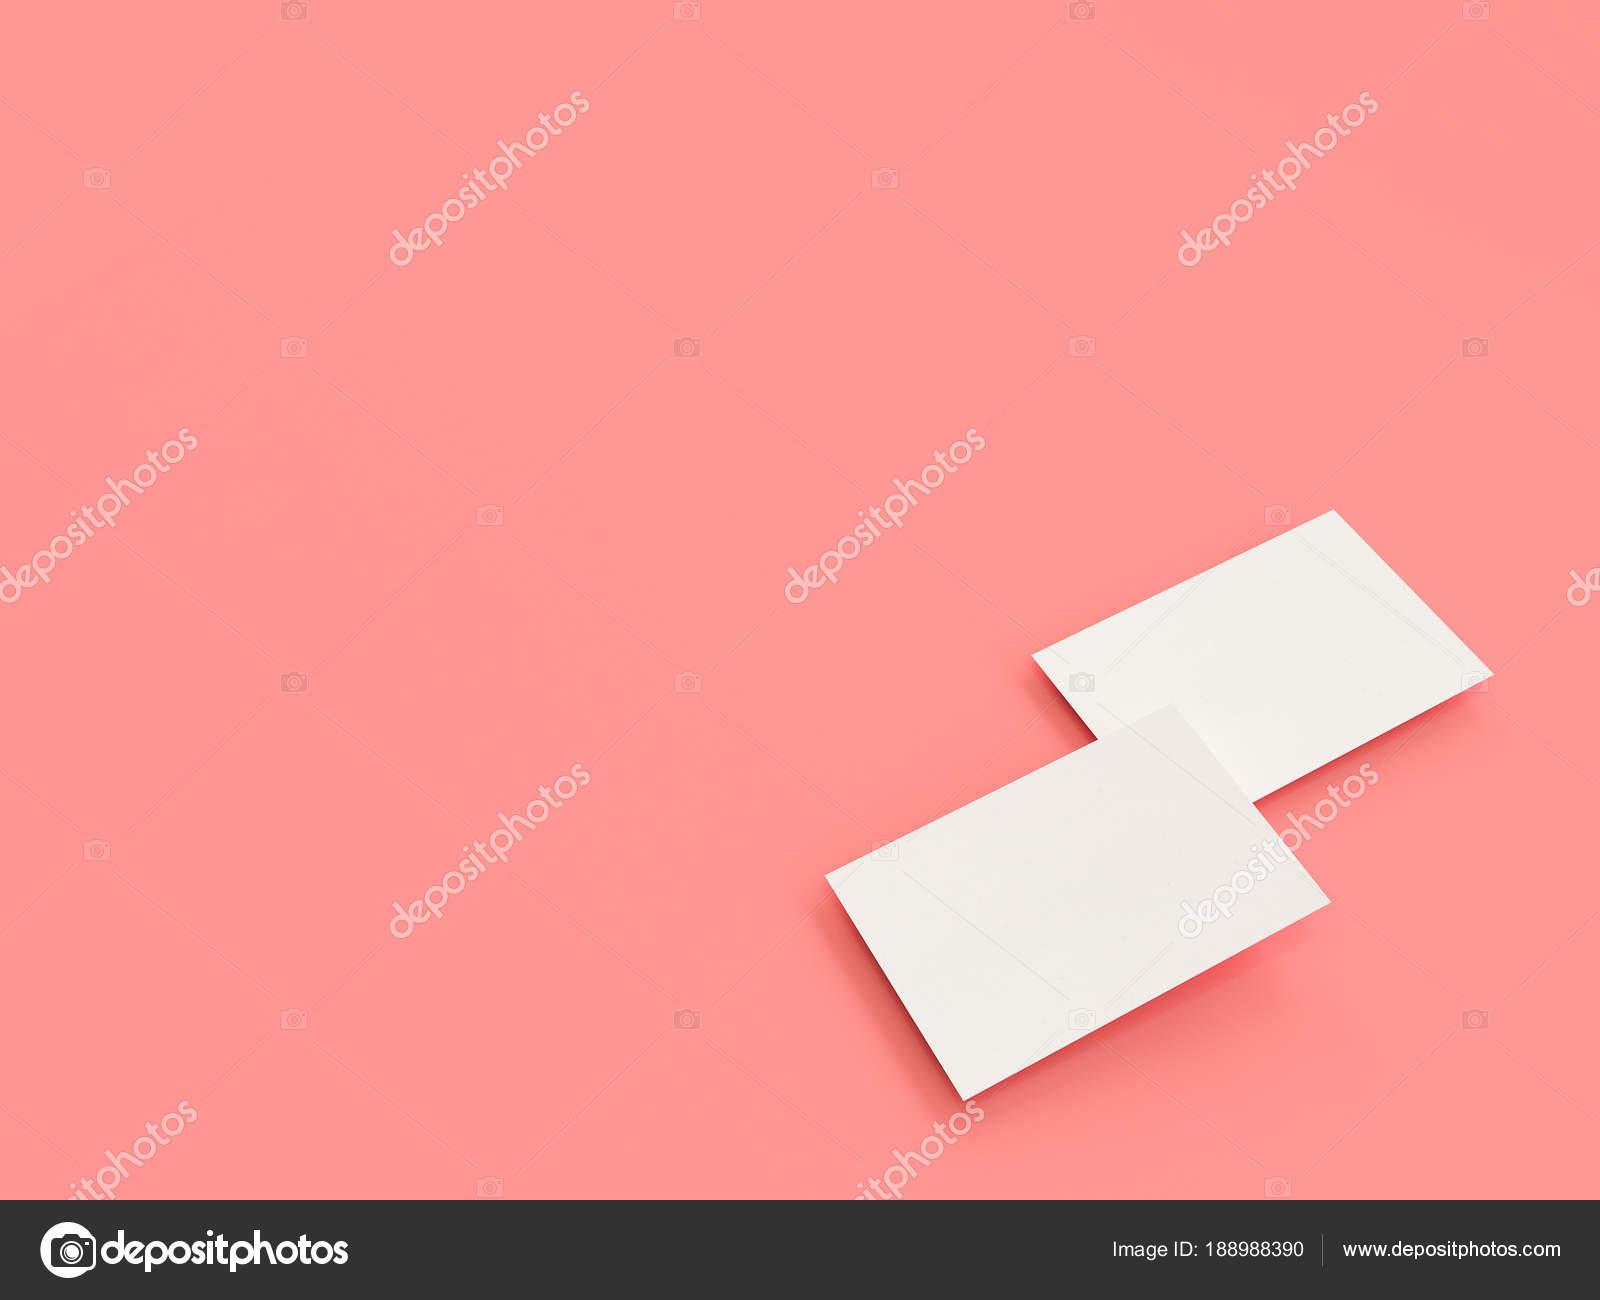 Visitenkarten Mock Up 3d Rendering Rosa Hintergrund